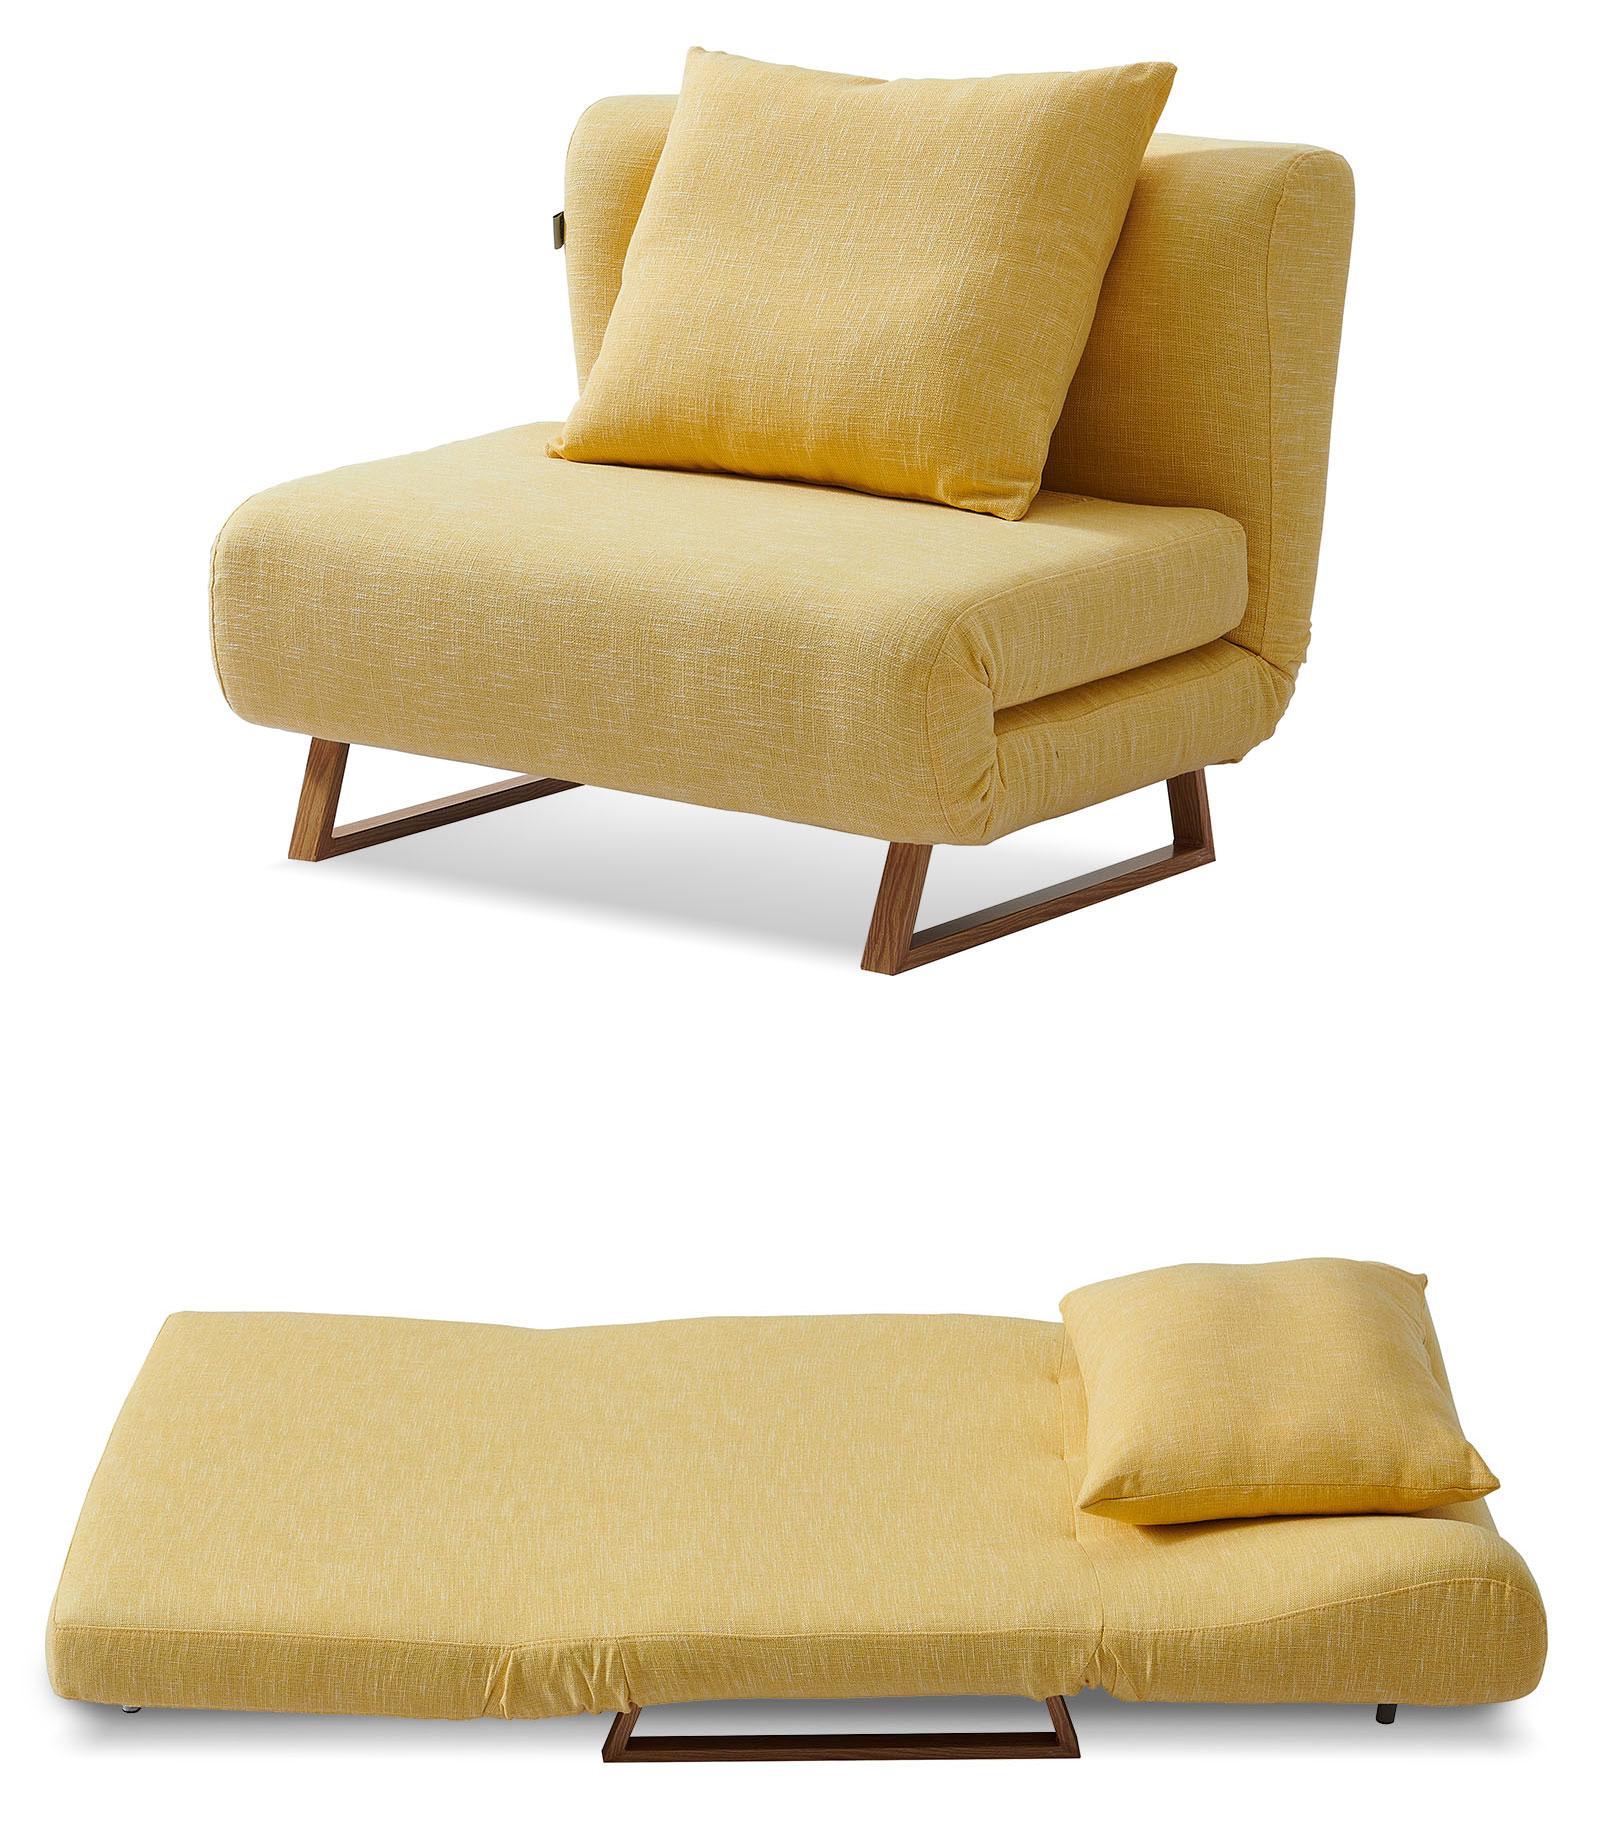 Кресло кровать Rosy, желтый/без принта